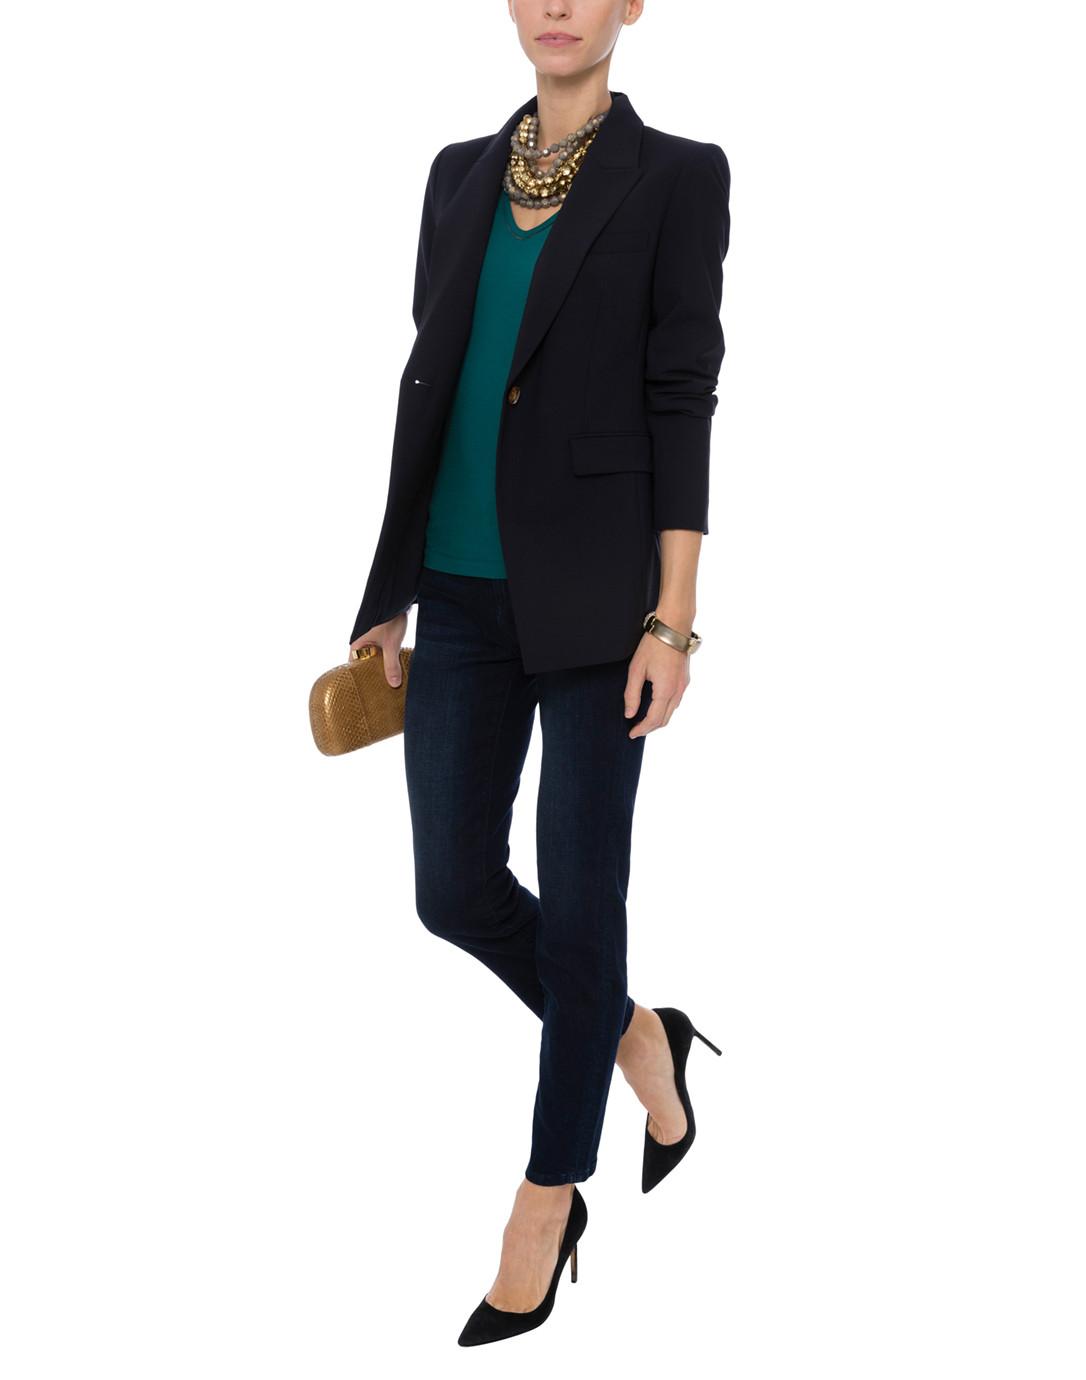 d53f97ab5 Ebaze Blue Green Stretch Cotton Top | Escada Sport | Halsbrook